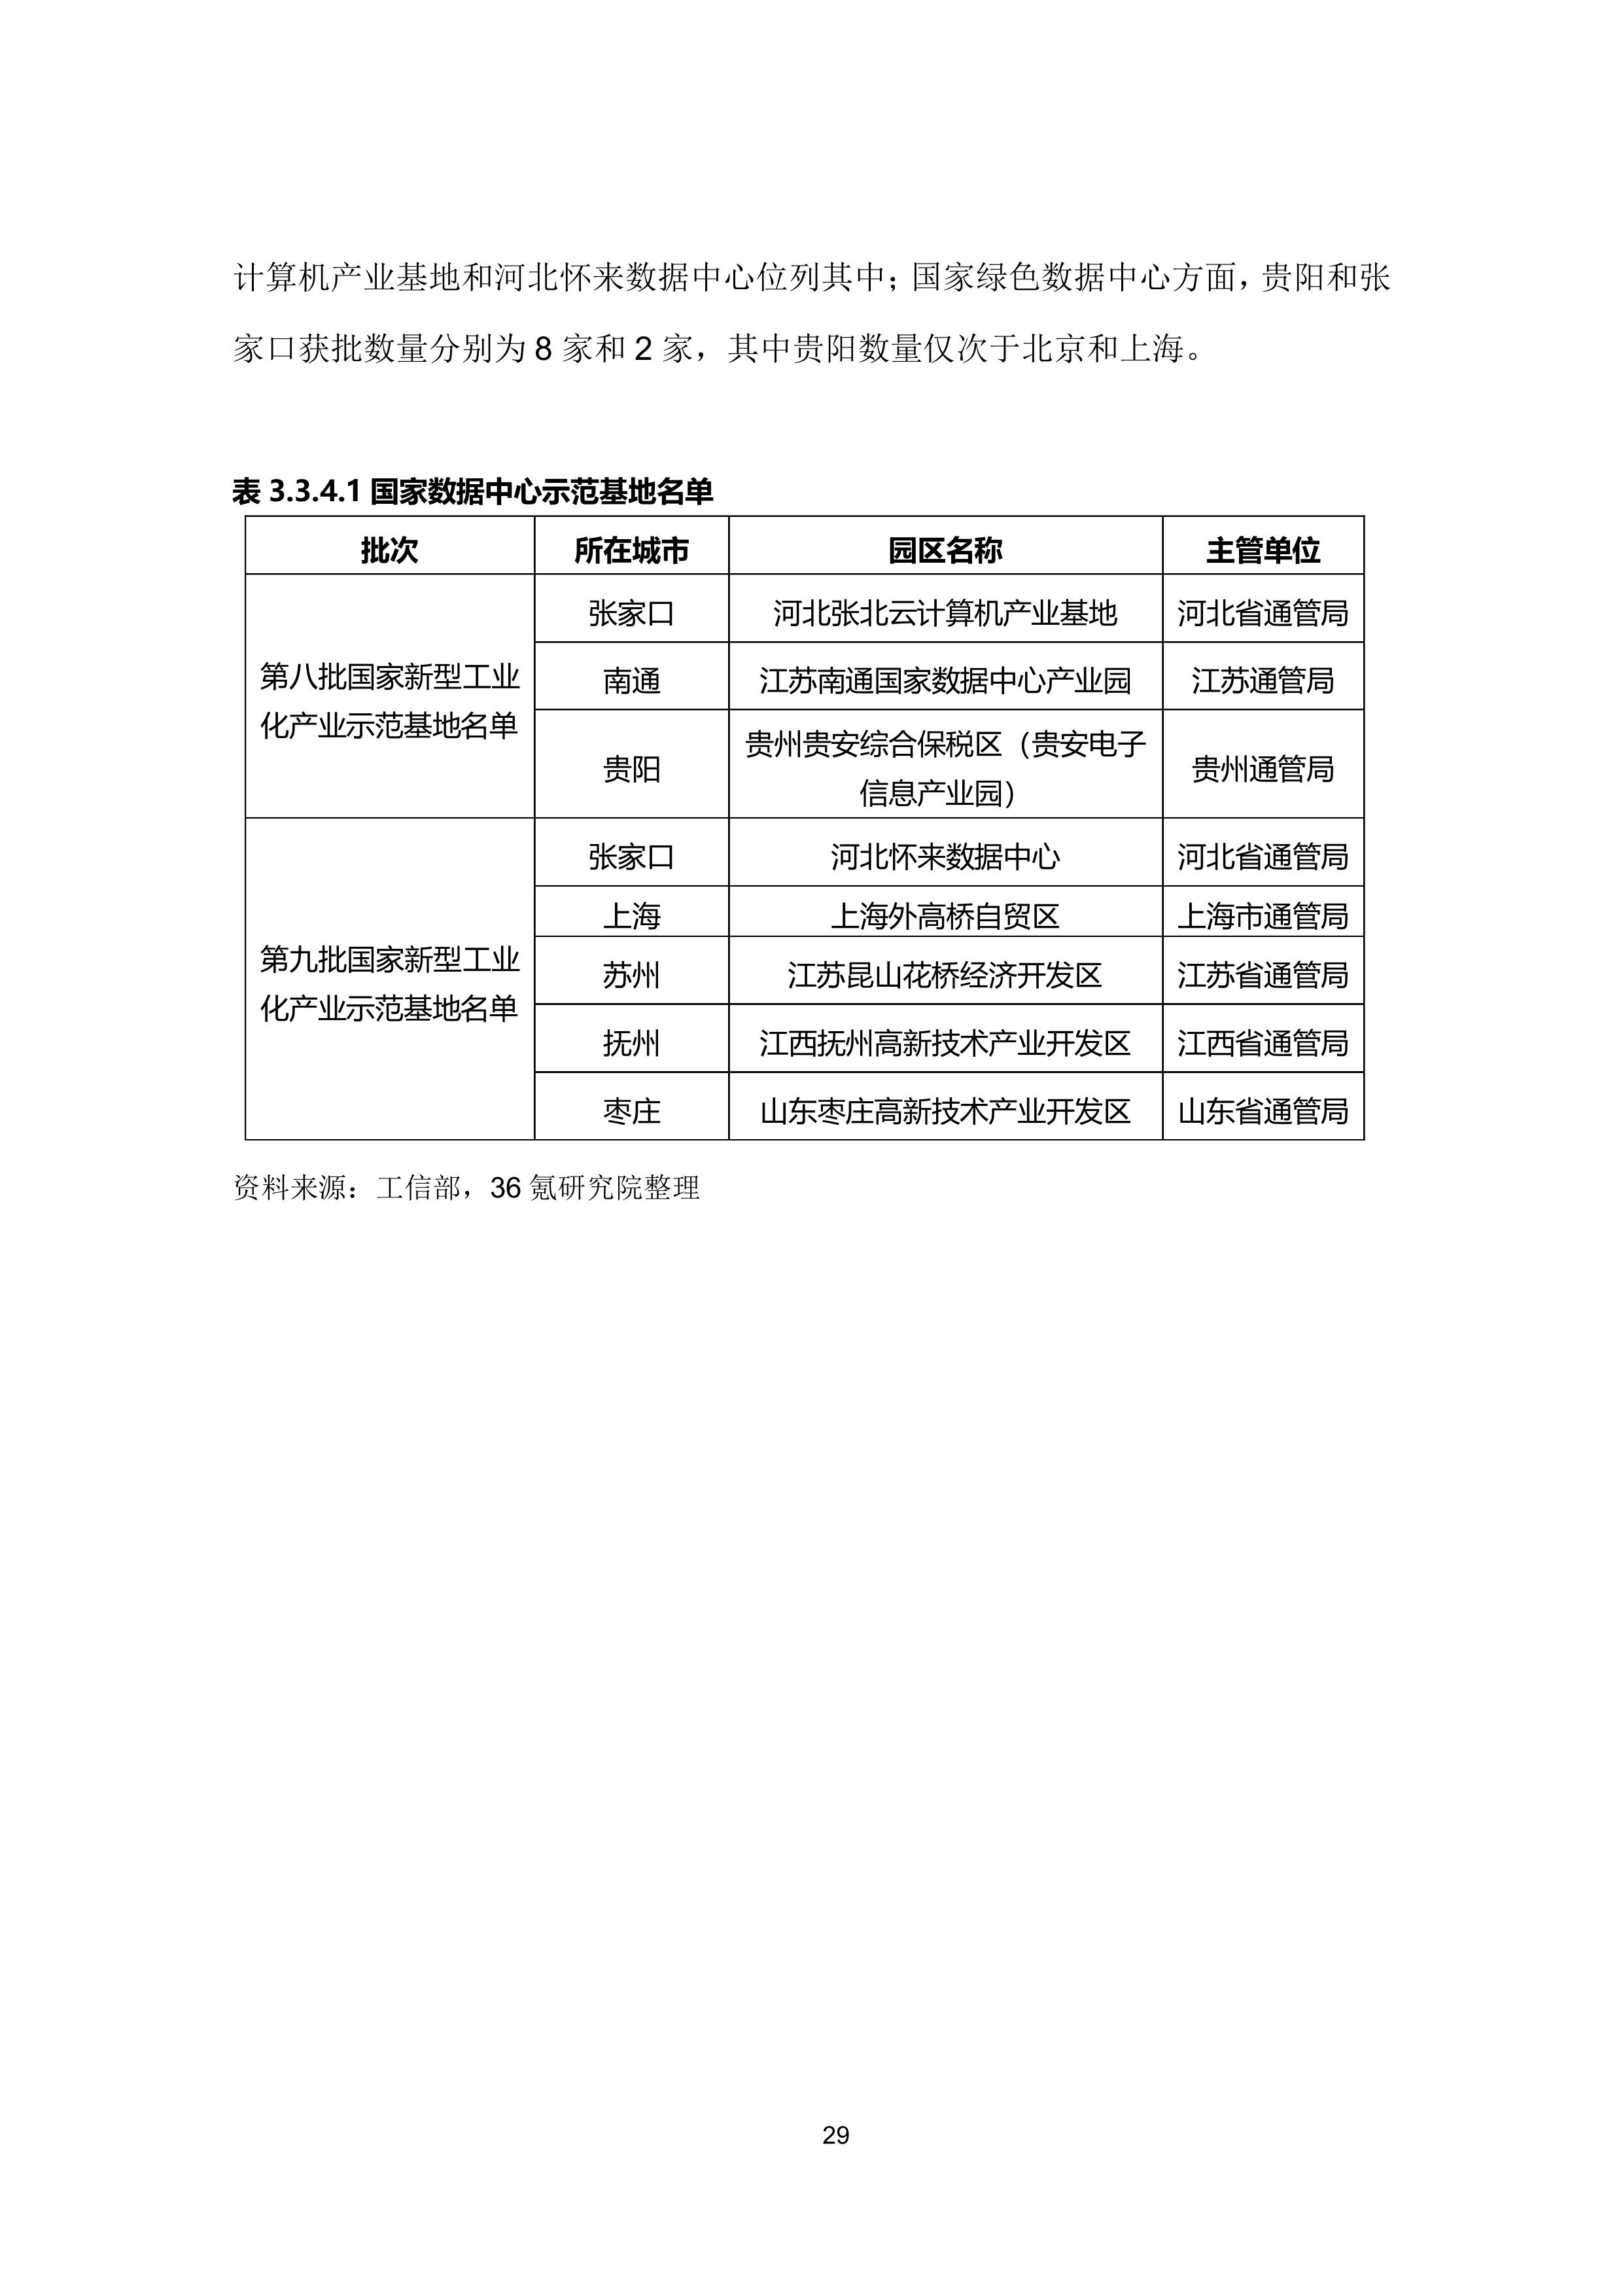 36氪研究院 - 新基建系列之:2020年中国城市数据中心发展指数报告-大菠萝官网(图40)